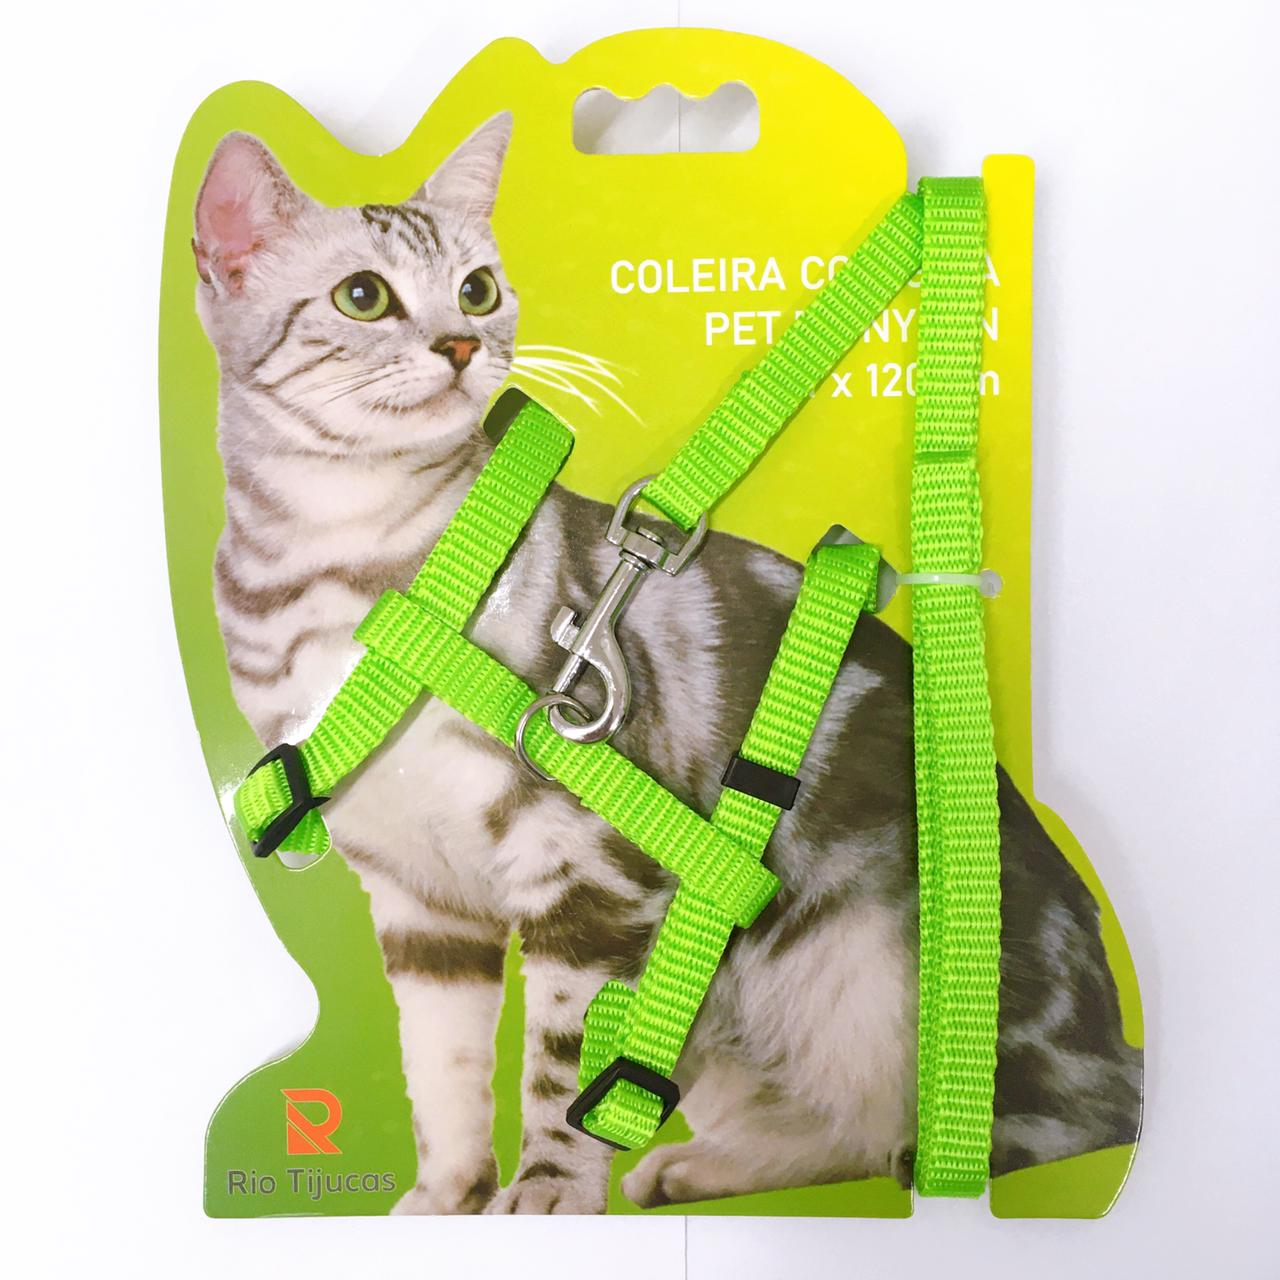 Guia e peitoral para gatos